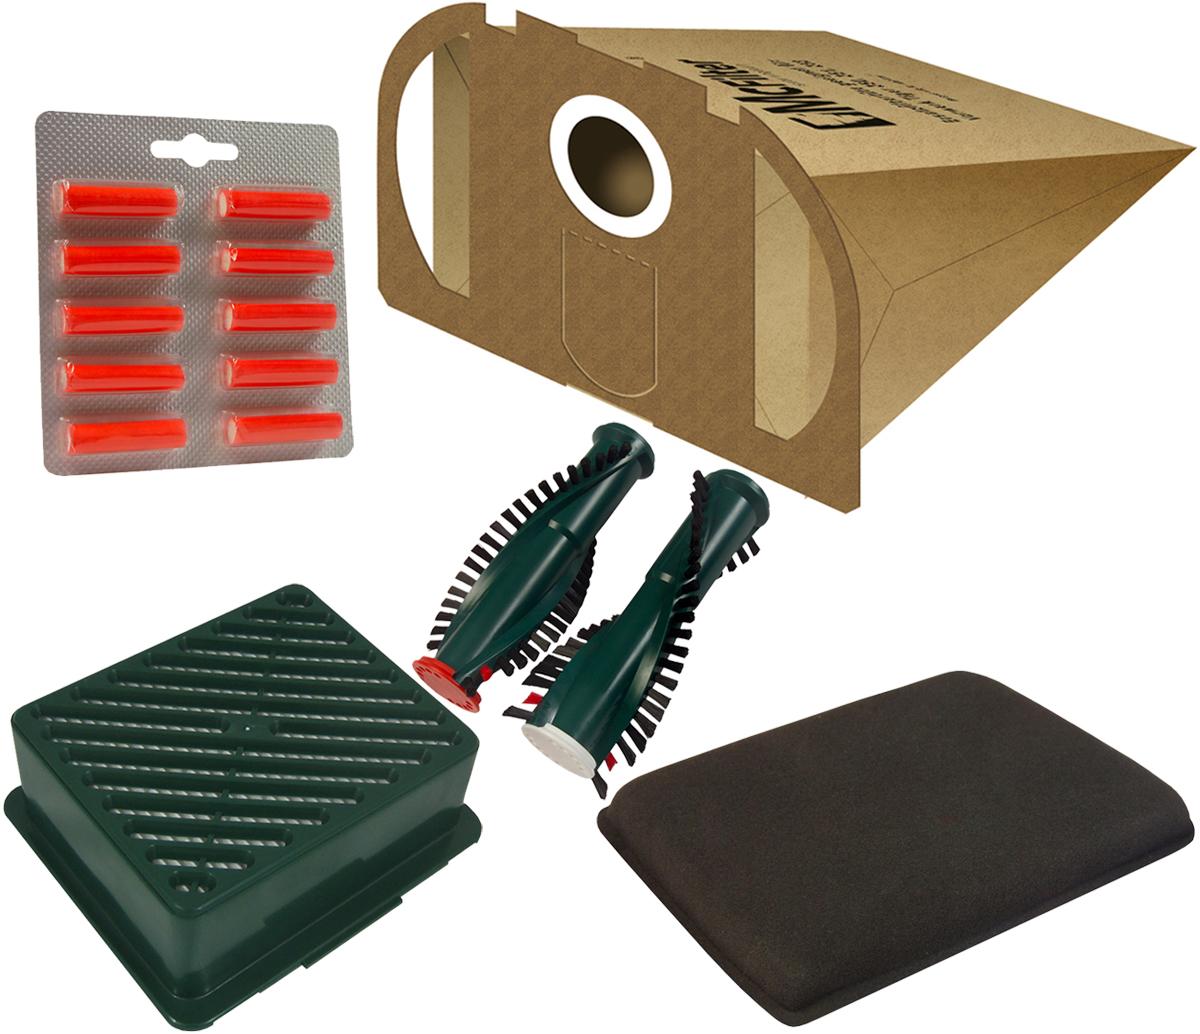 d se kombid se bodend se geeignet f r vorwerk tiger 251 252 ebay. Black Bedroom Furniture Sets. Home Design Ideas